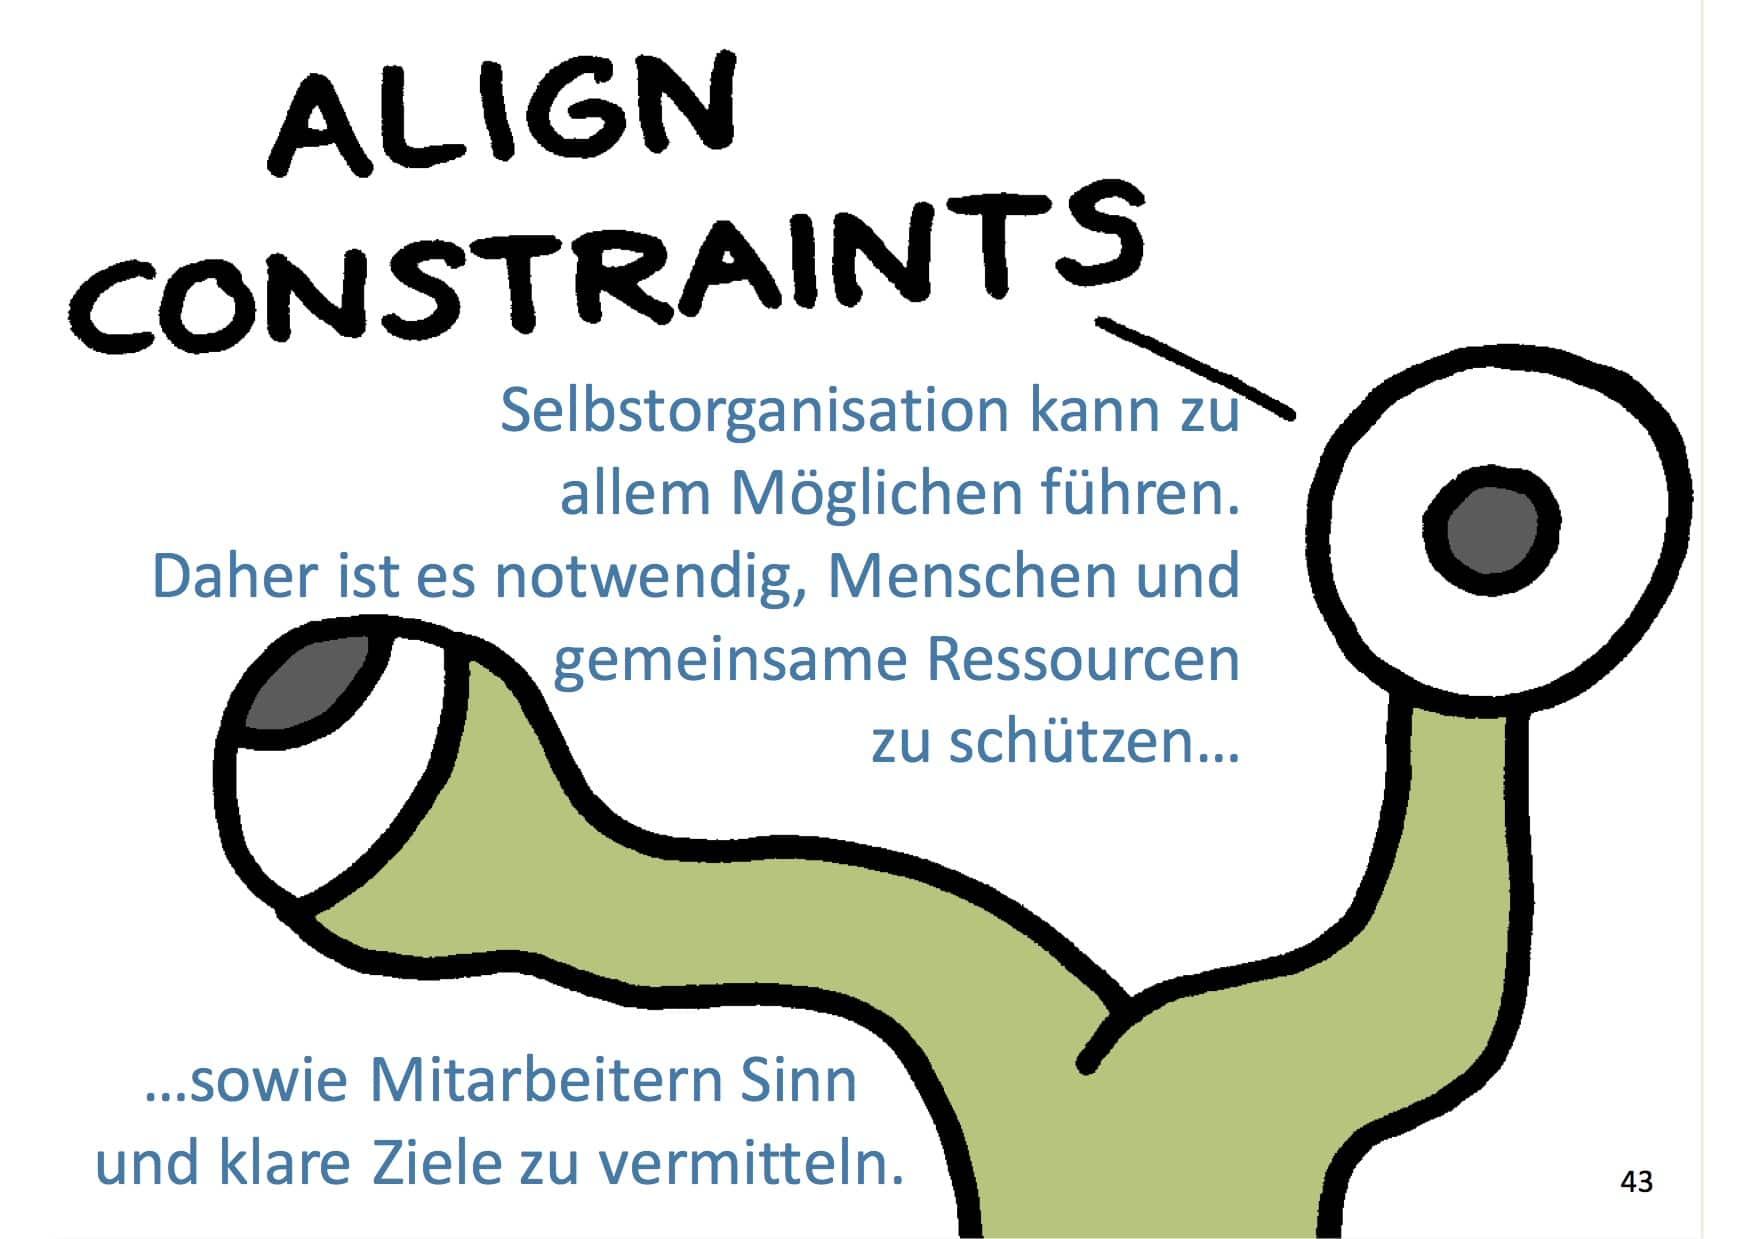 Management 3.0 Align Constraints